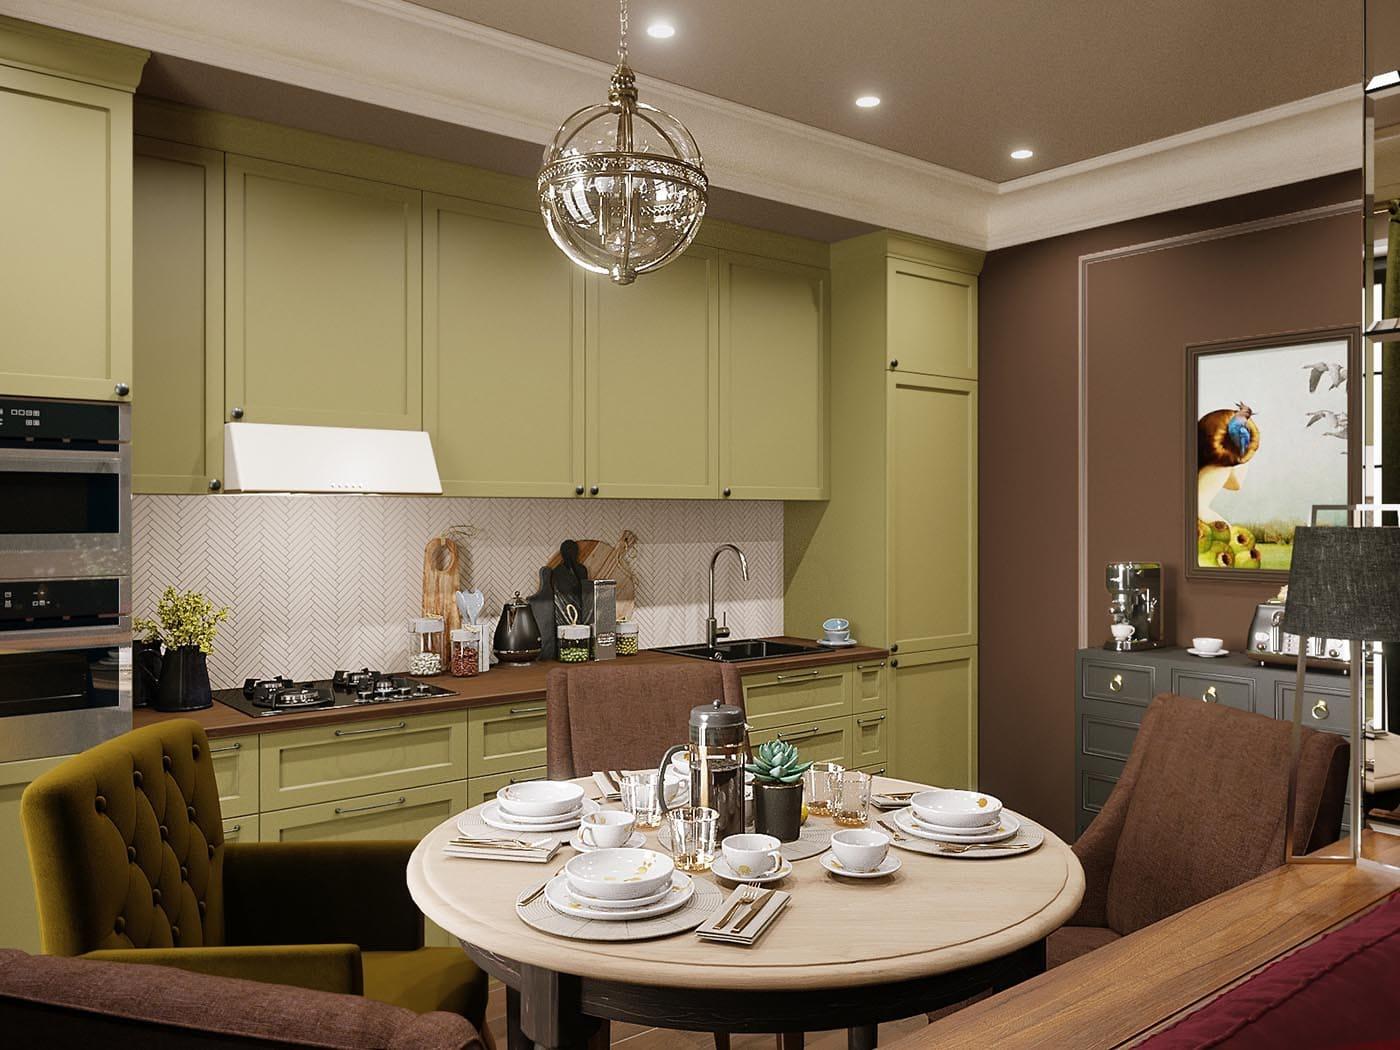 кухня в коричнево-оливковых тонах